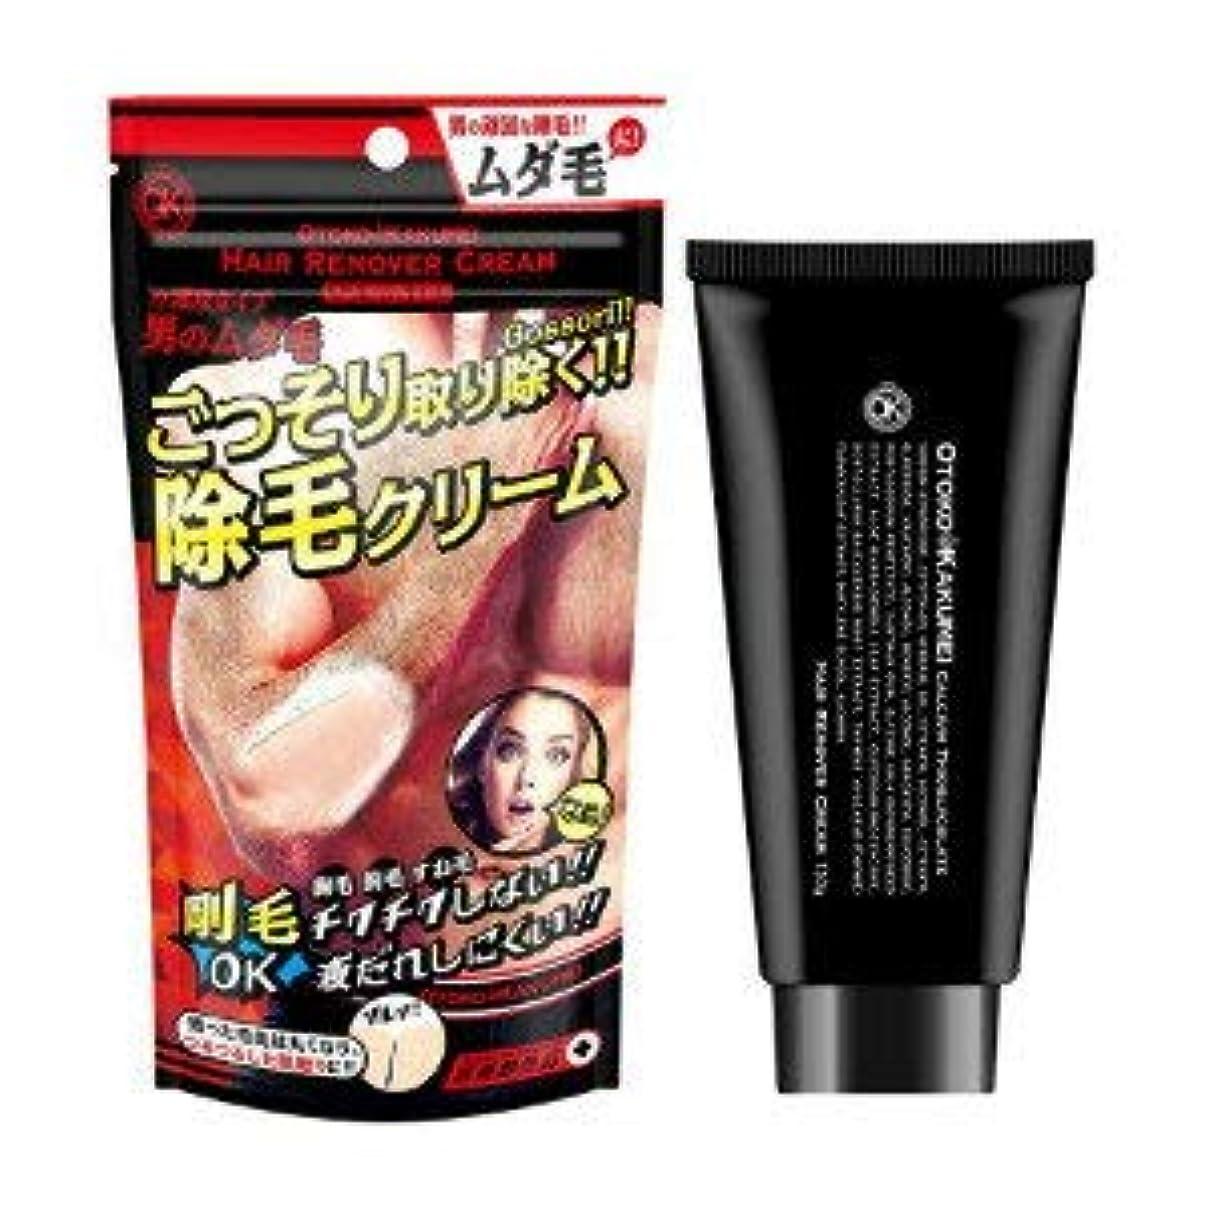 重量ブルーベル管理するGR OTOKO KAKUMEI ヘアリムーバークリーム 130g×3個セット (医薬部外品)